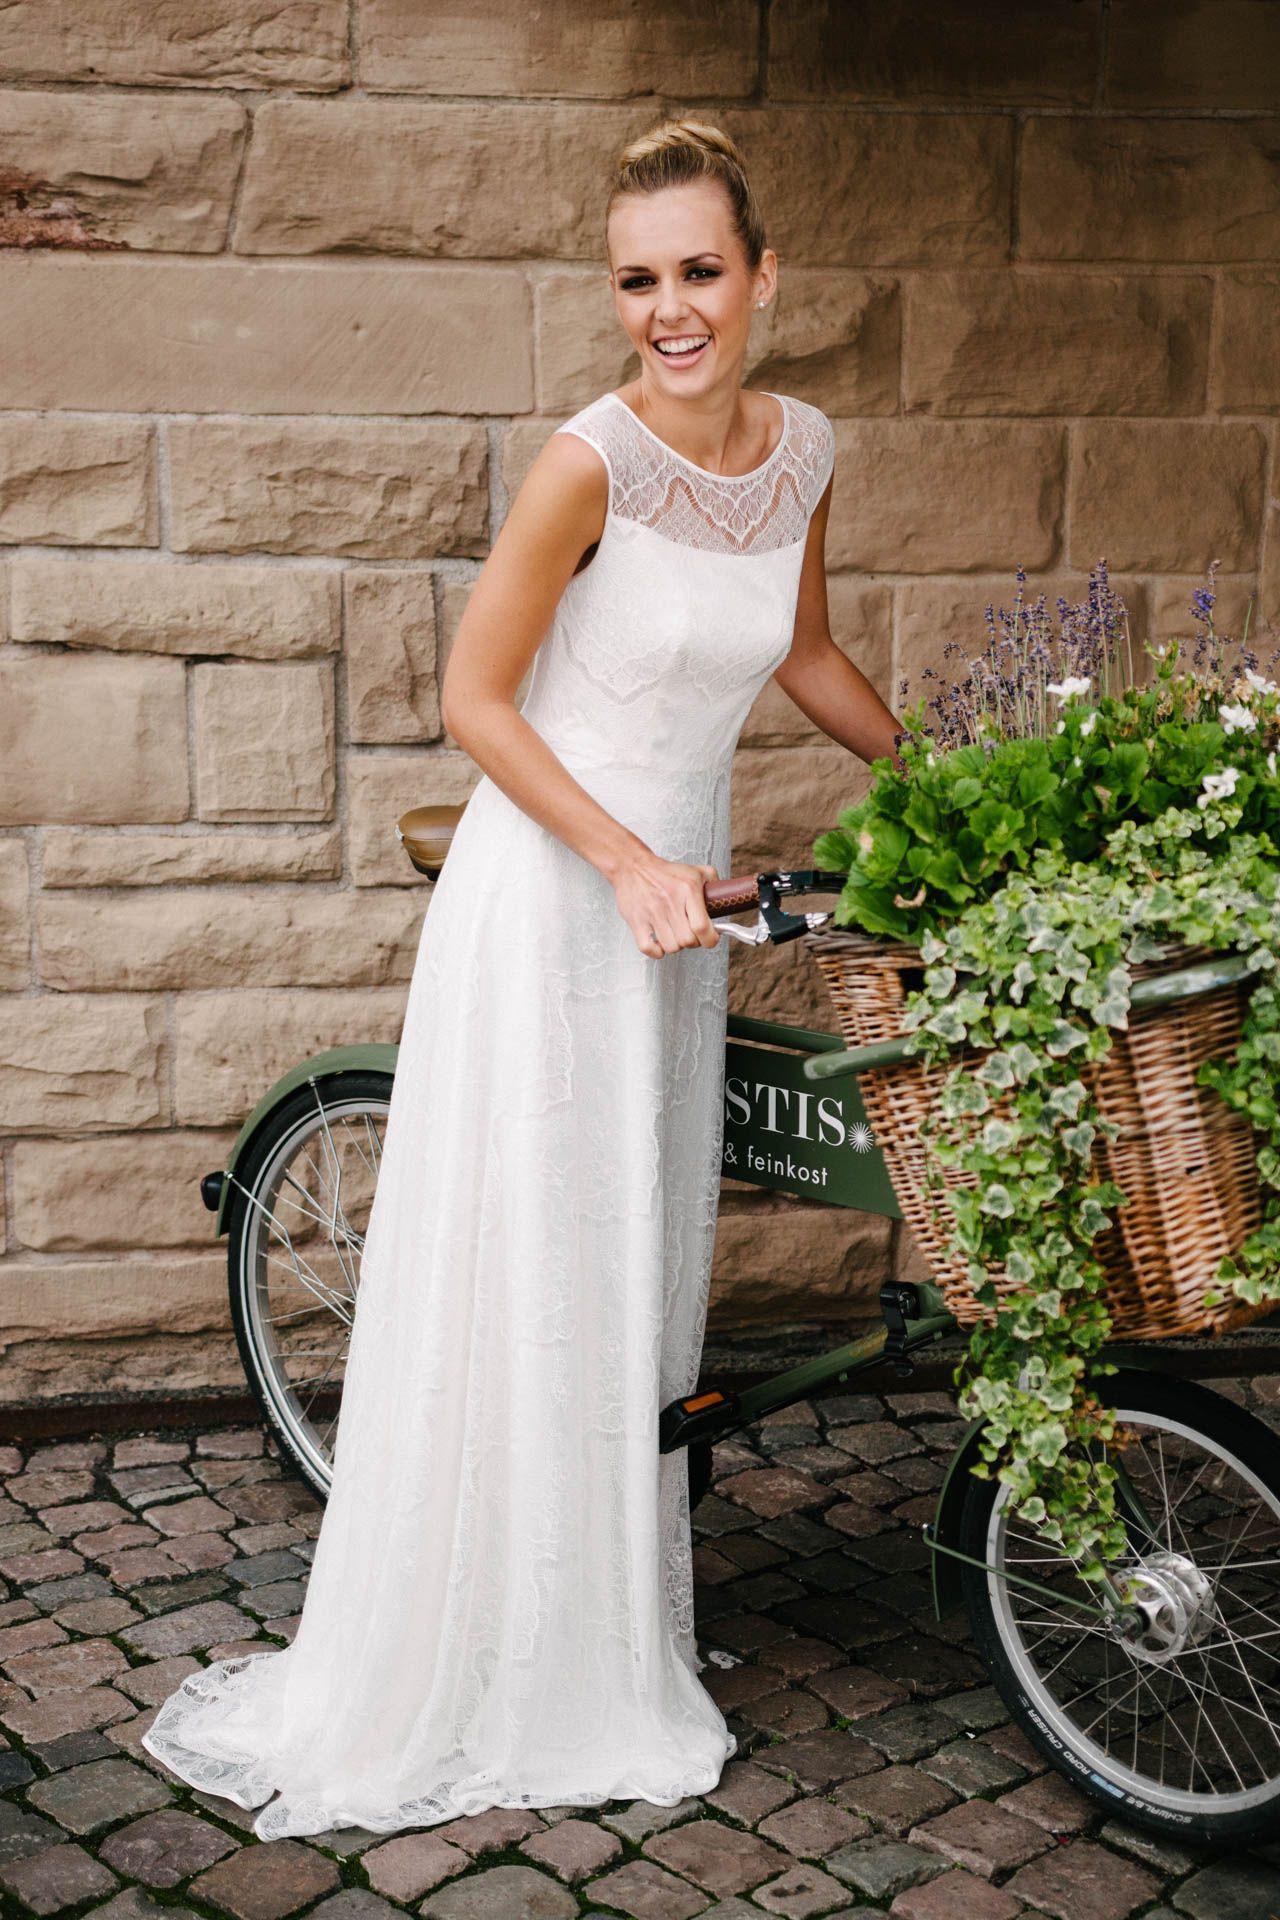 Nanette ist ein Hochzeitskleid, das sich traumhaft anfühlt und dich ...